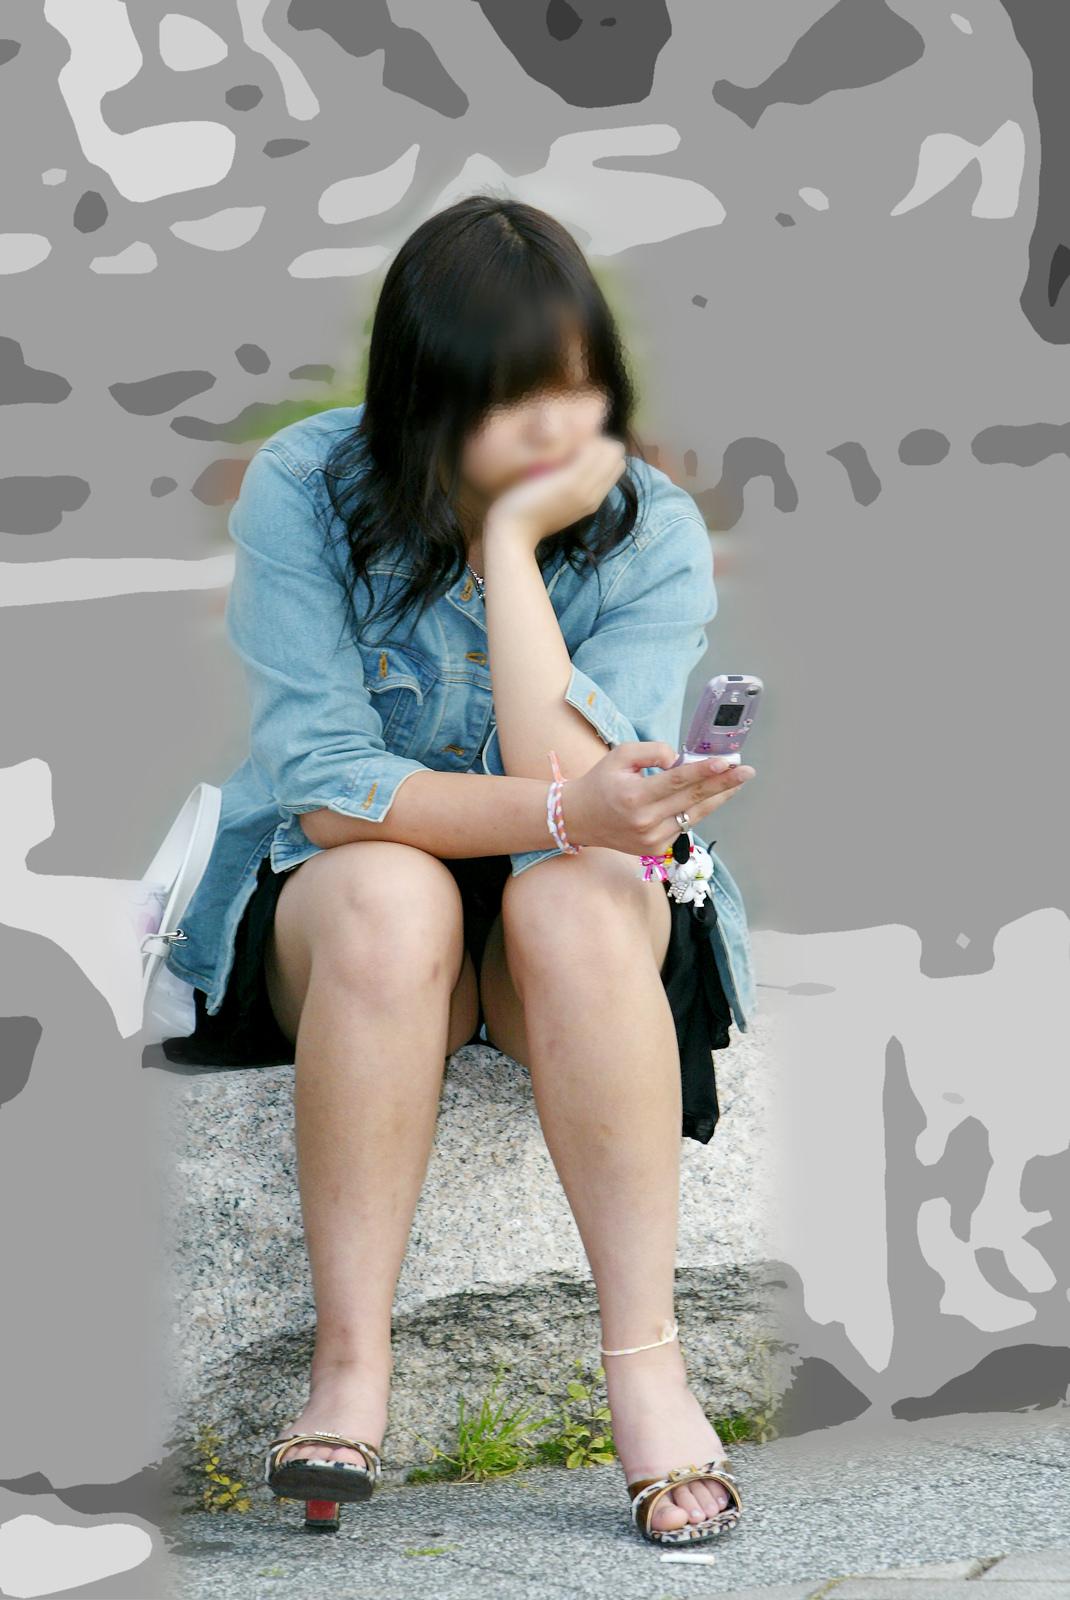 【パンチラエロ画像】梅雨が来る前にチェック済ませたい座りチラ(;´∀`)